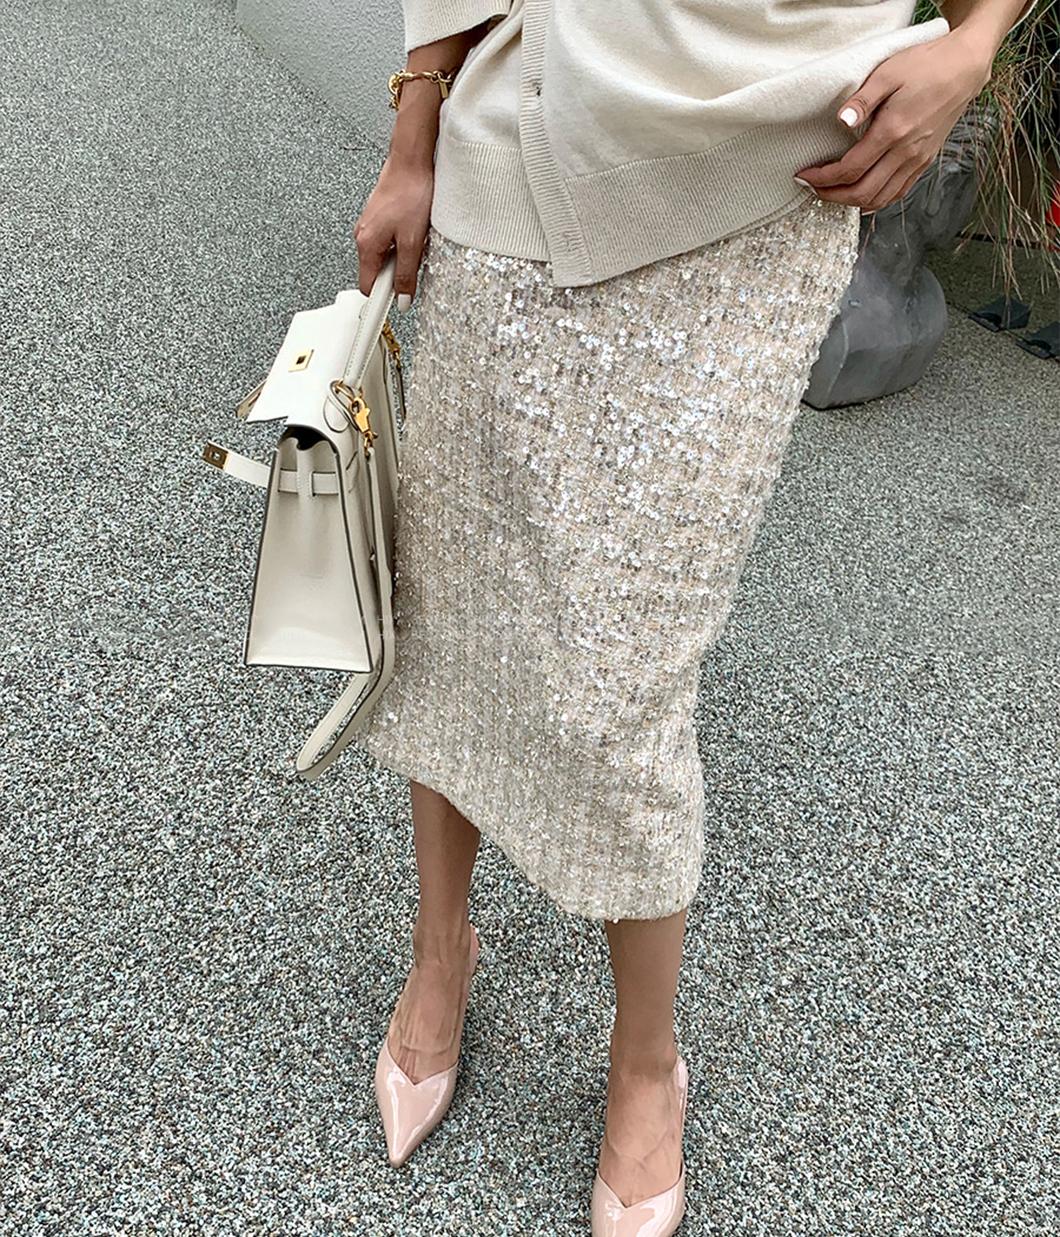 12.低奢感的亮片直筒裙